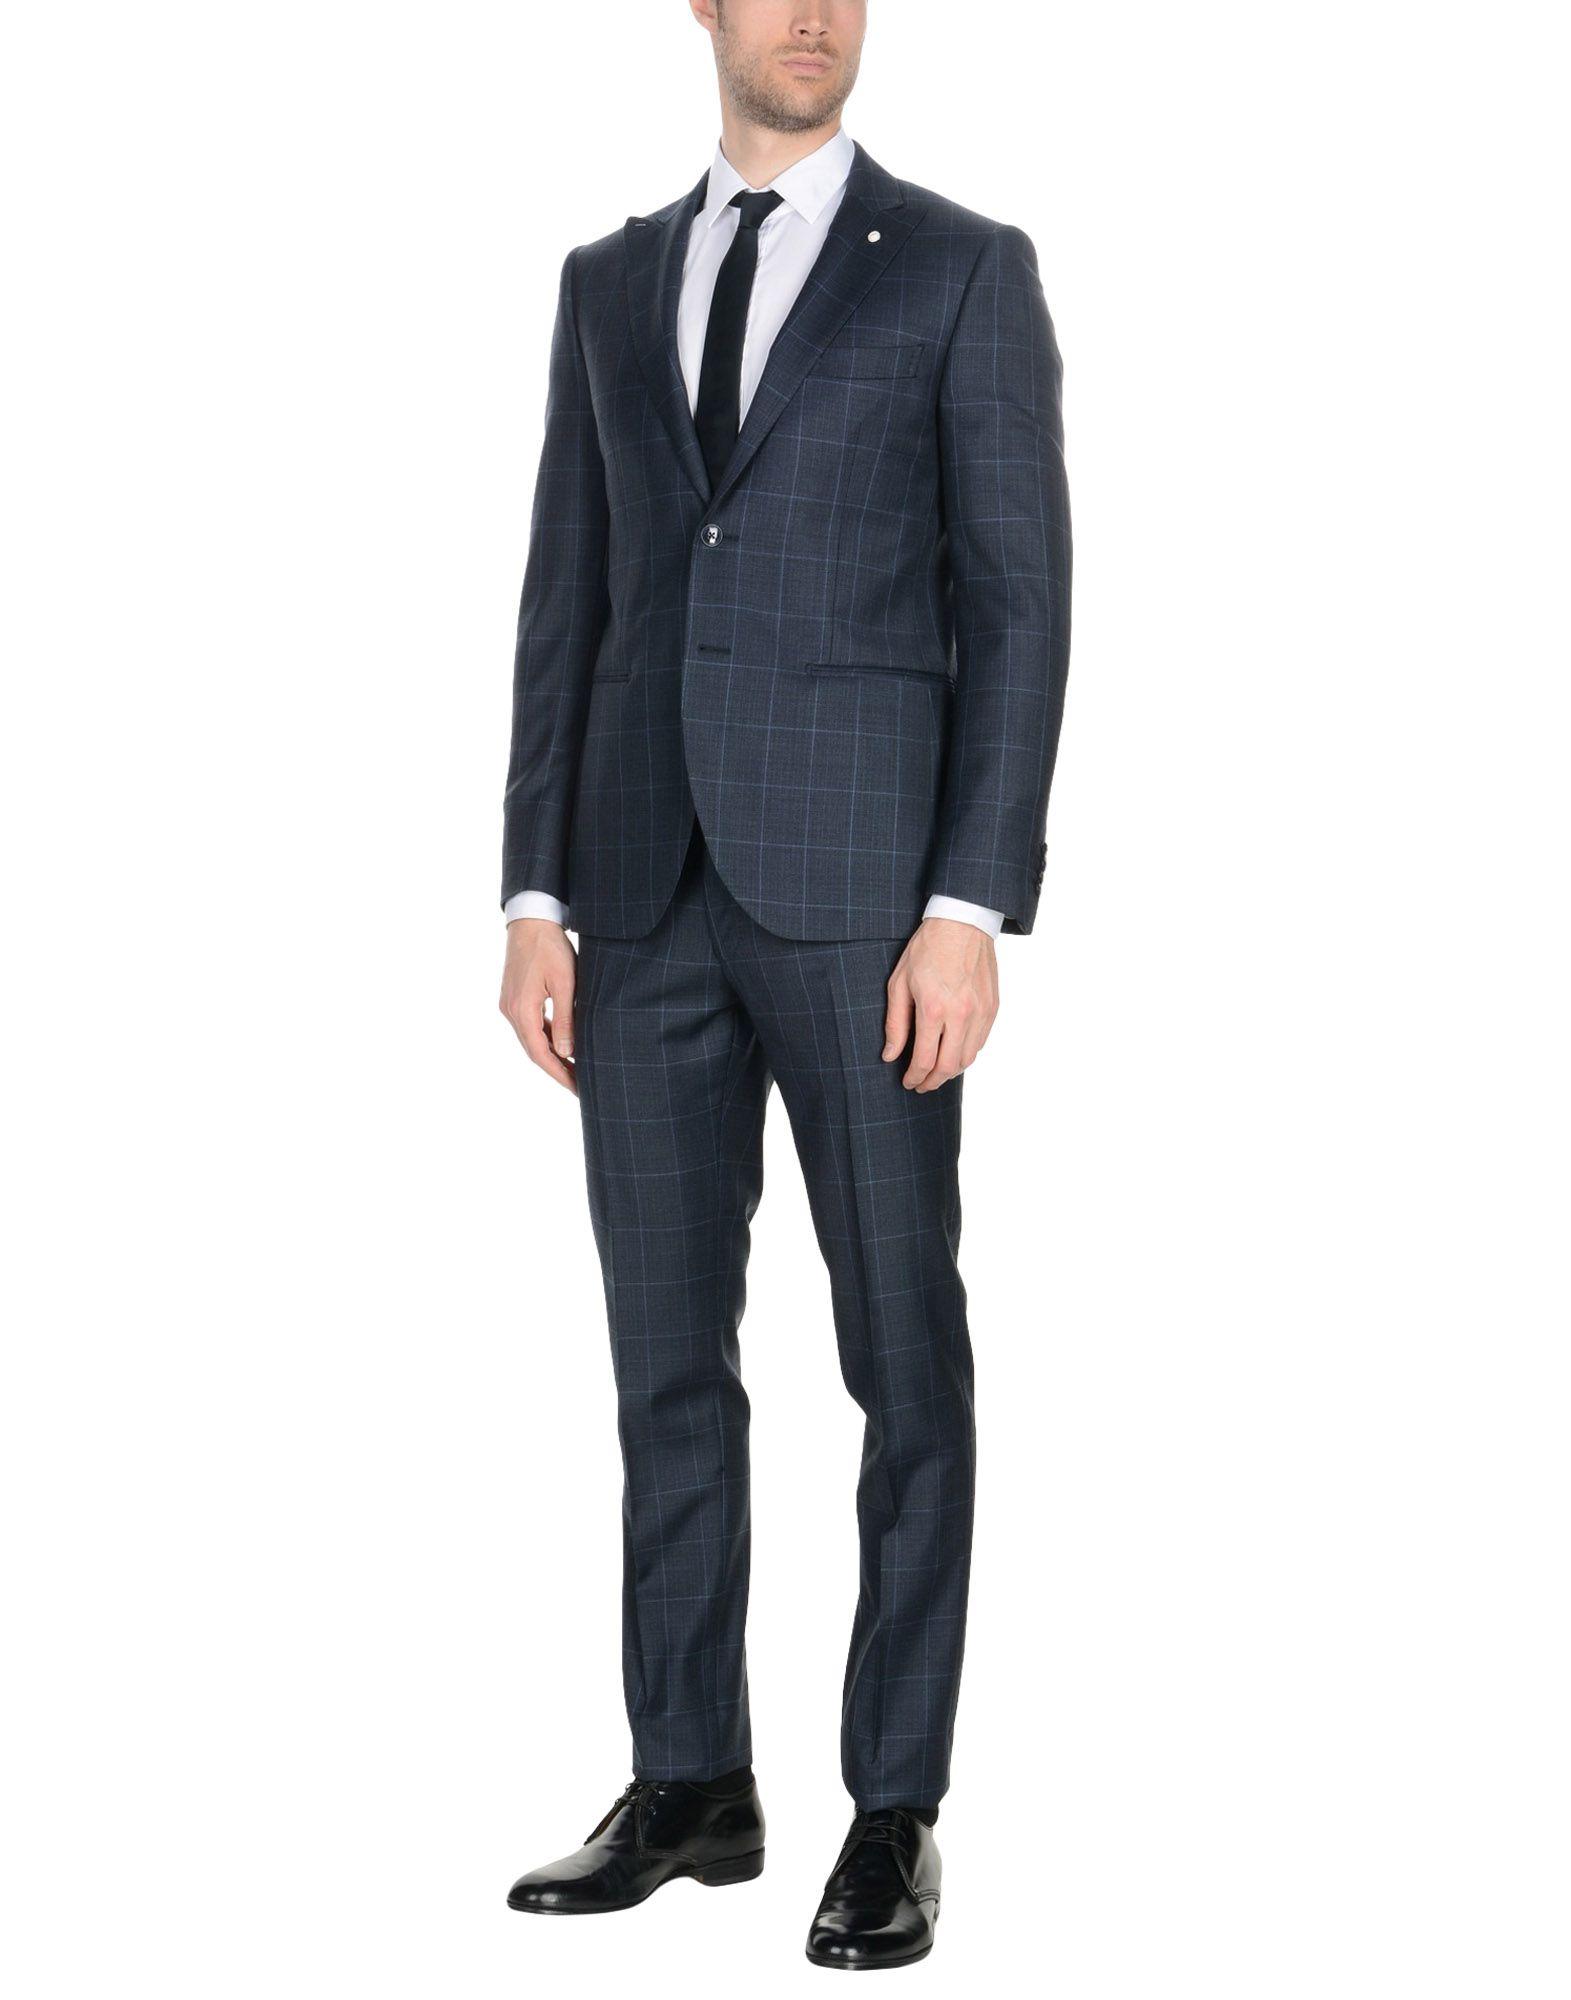 《送料無料》LUIGI BIANCHI Mantova メンズ スーツ ダークブルー 48 スーパー130 ウール 100%